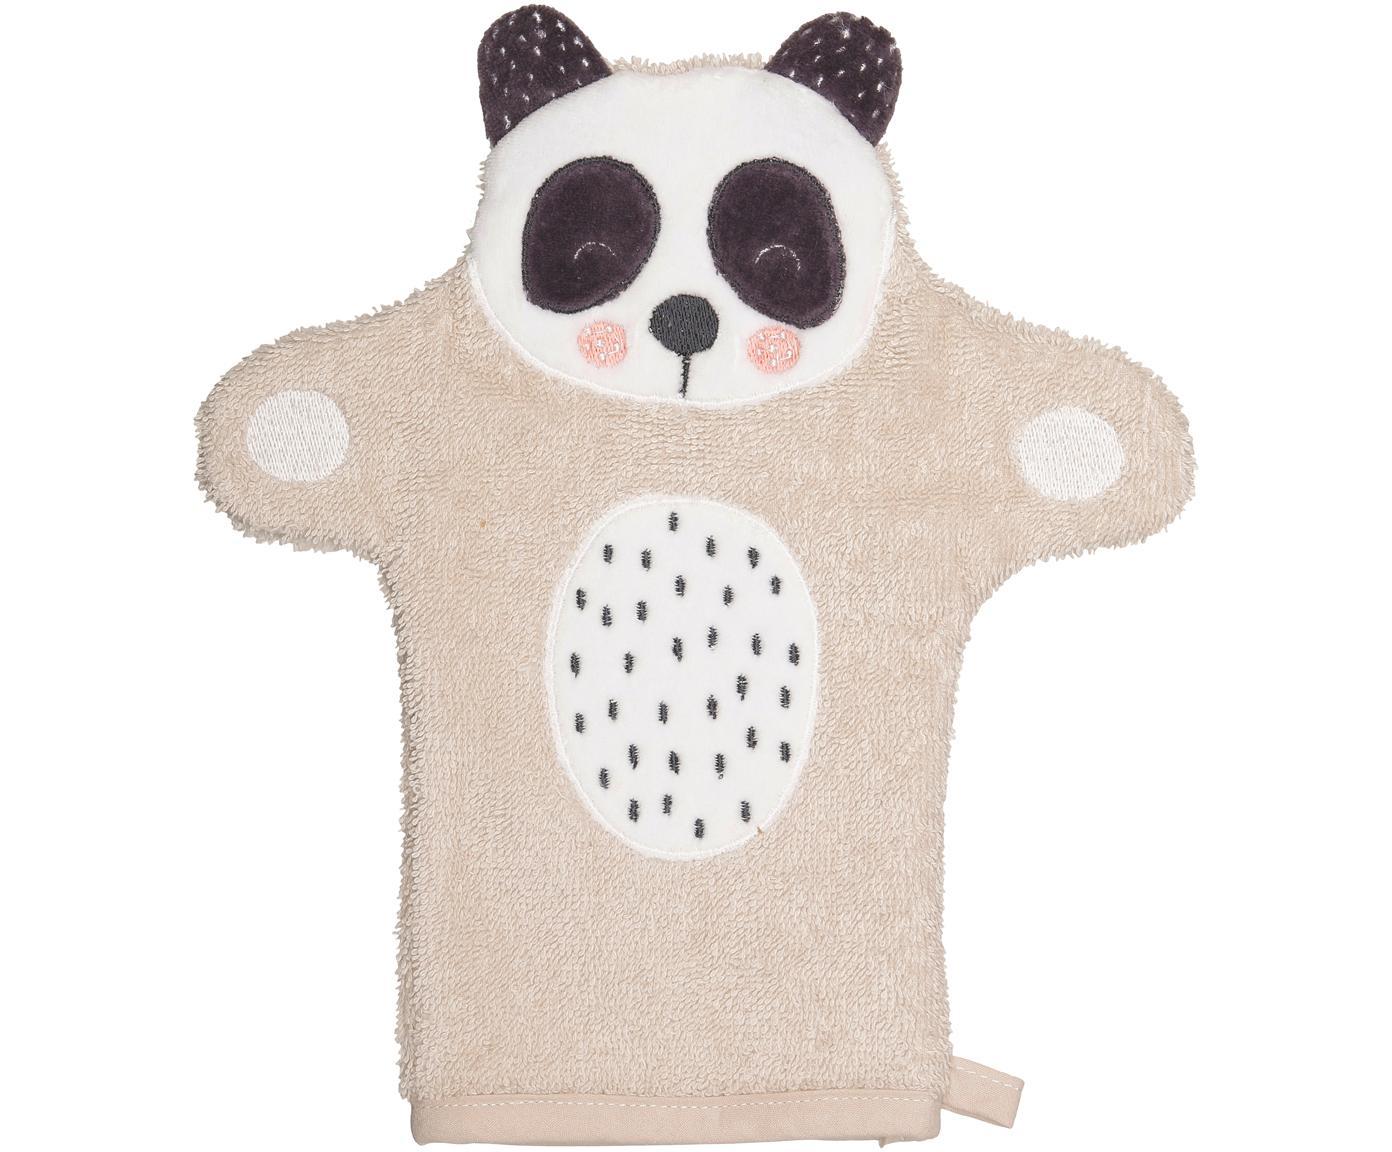 Myjka z bawełny organicznej Panda Penny, Bawełna organiczna, certyfikat GOTS, Beżowy, biały, ciemny szary, S 11 x D 21 cm